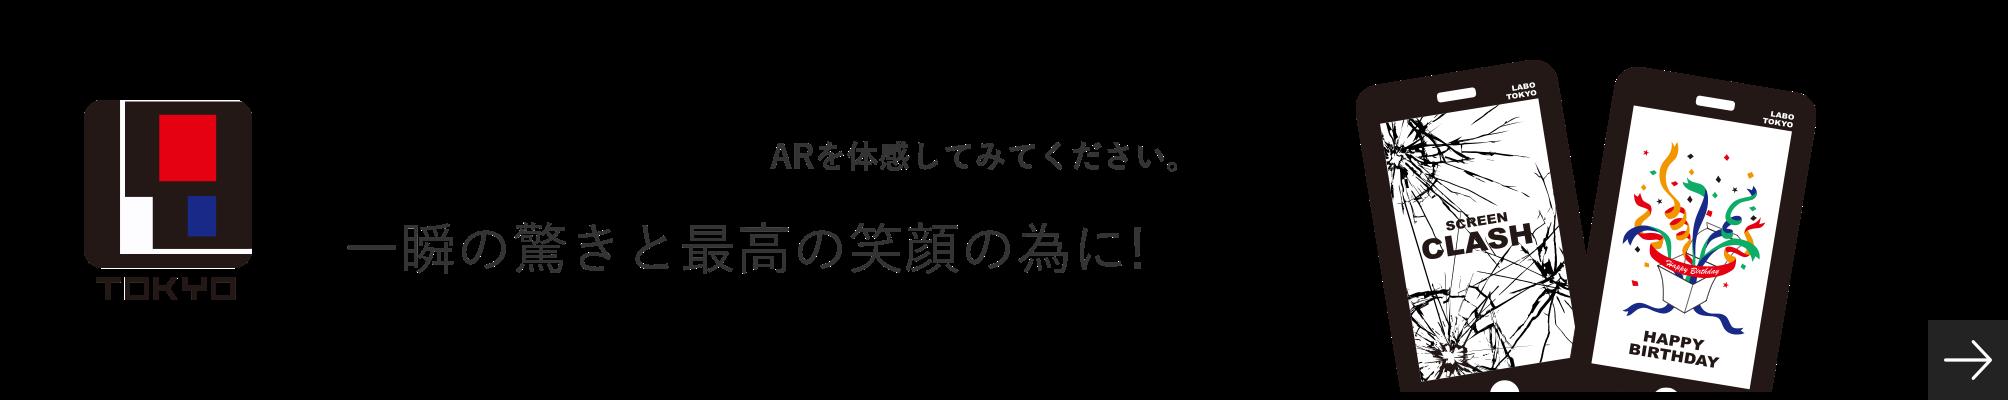 Labo Tokyoサイトへ